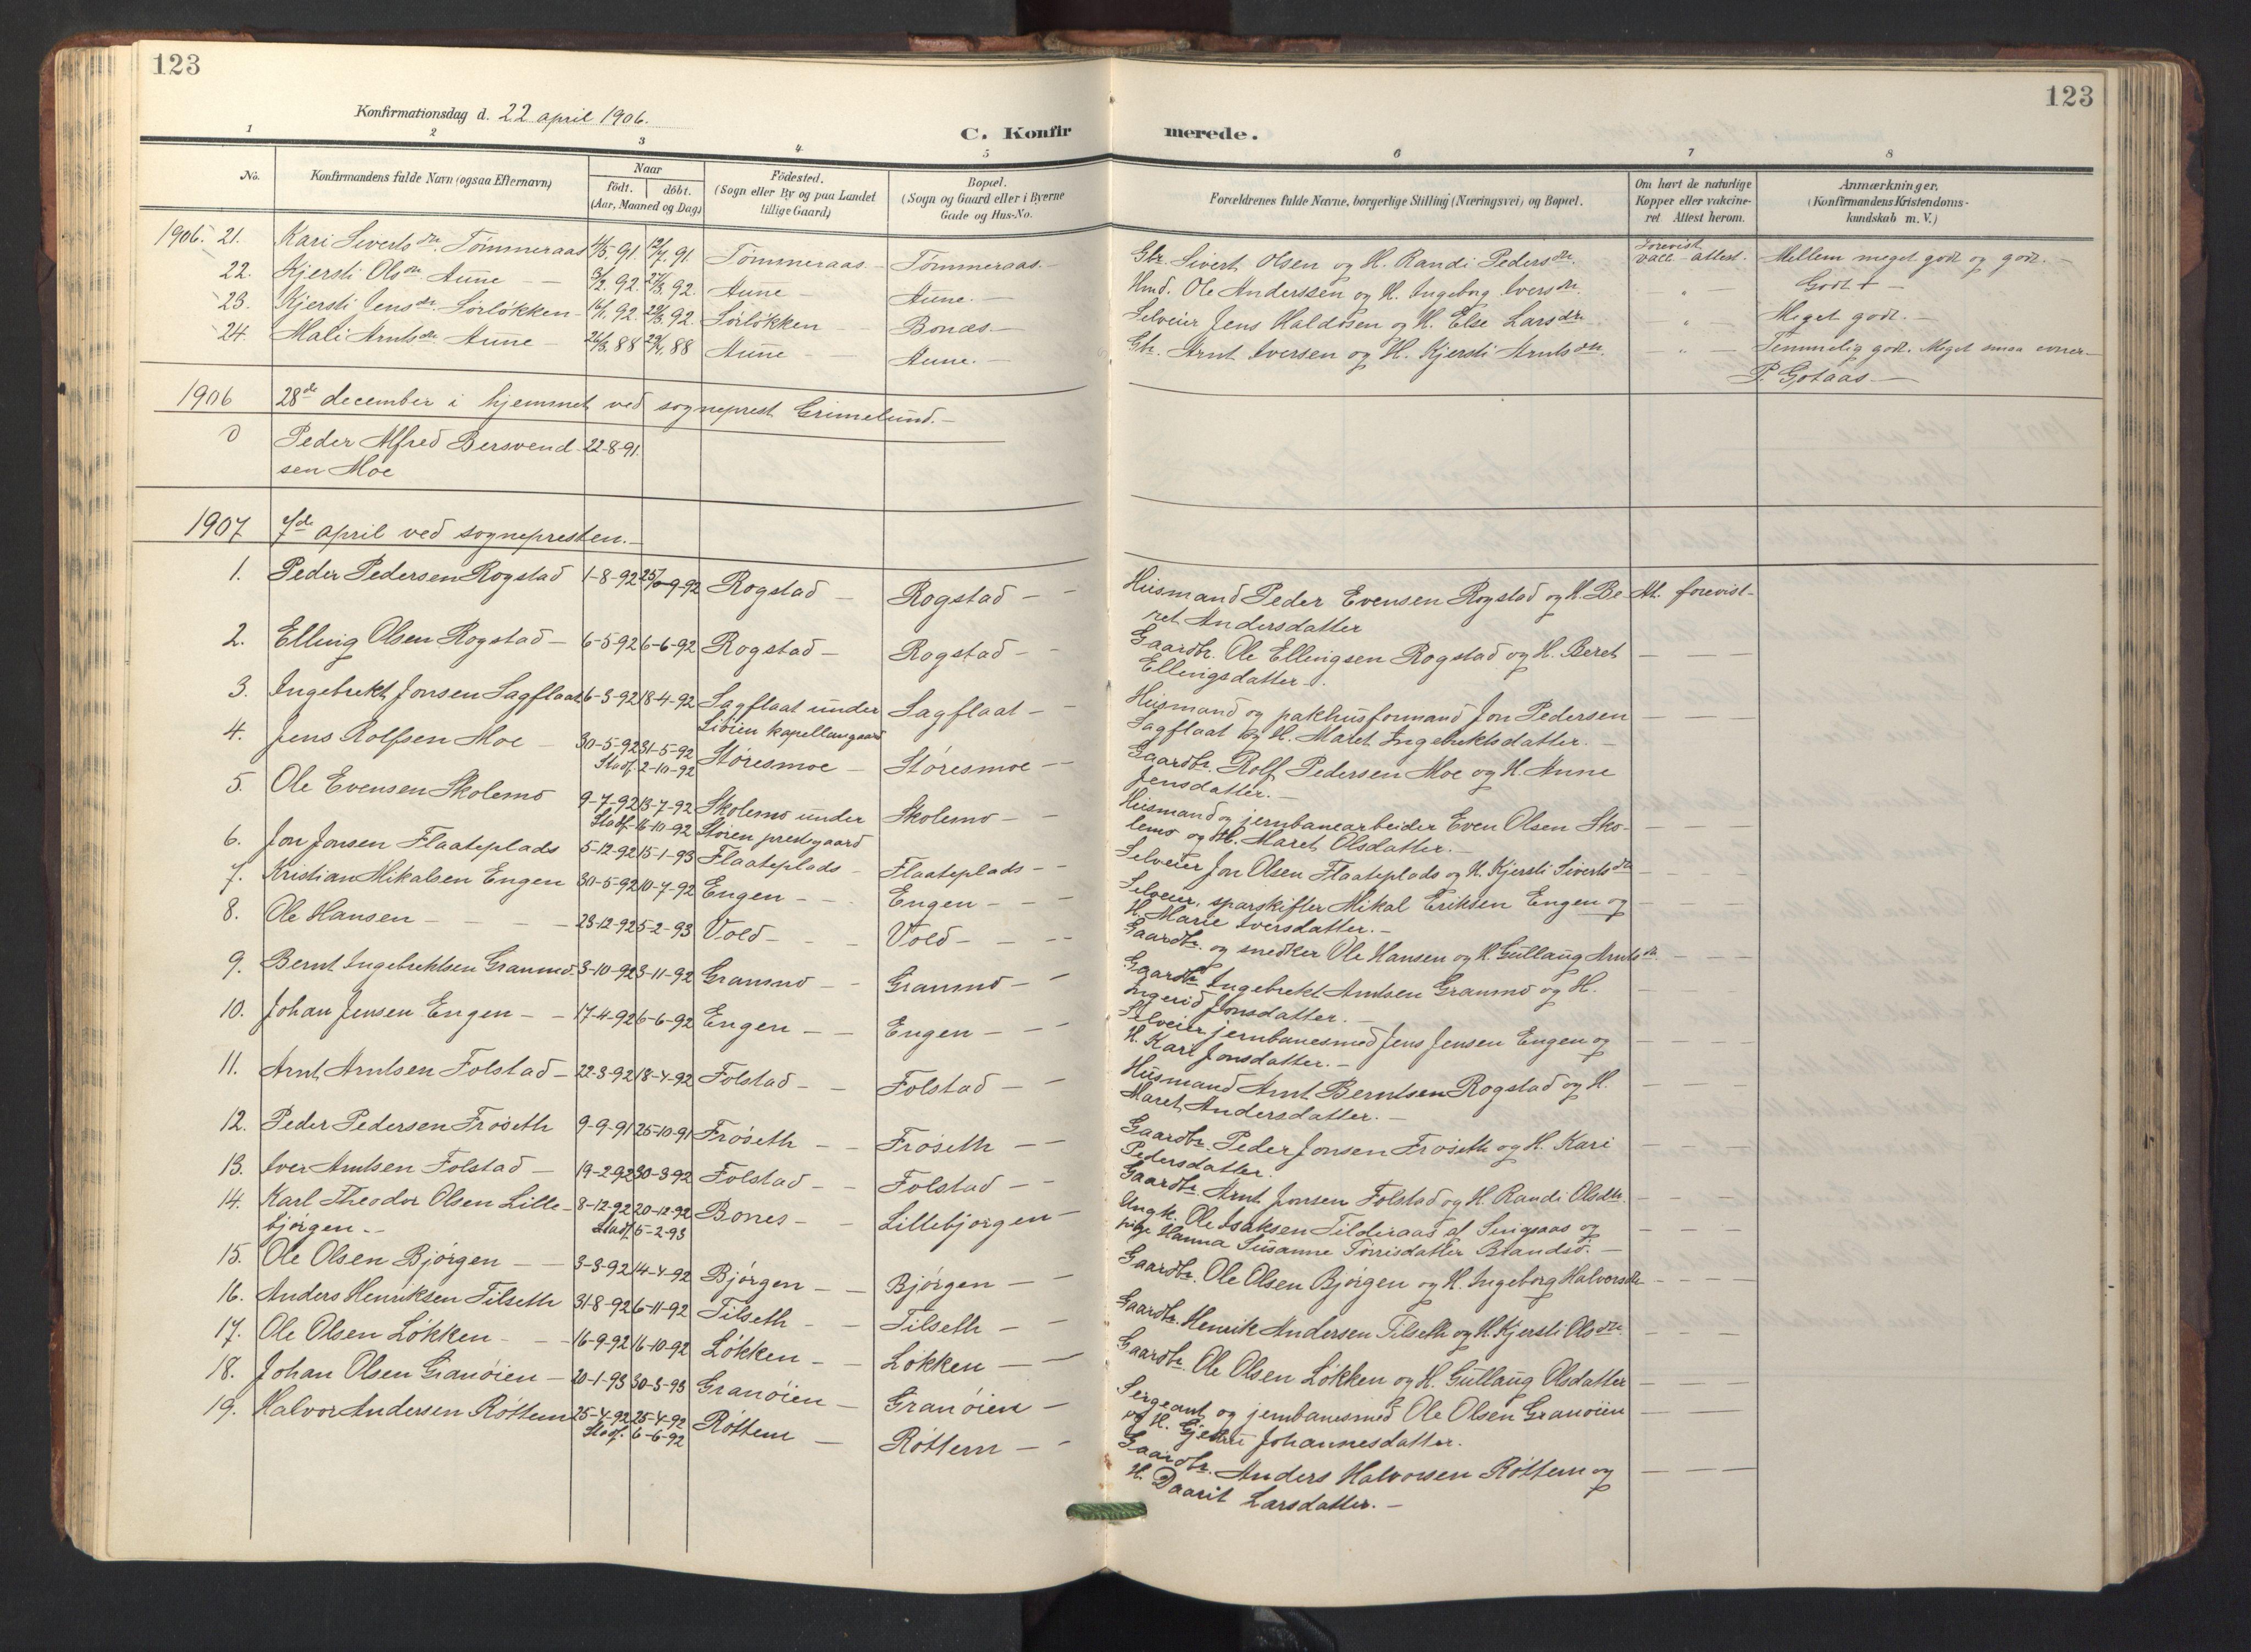 SAT, Ministerialprotokoller, klokkerbøker og fødselsregistre - Sør-Trøndelag, 687/L1019: Klokkerbok nr. 687C03, 1904-1931, s. 123